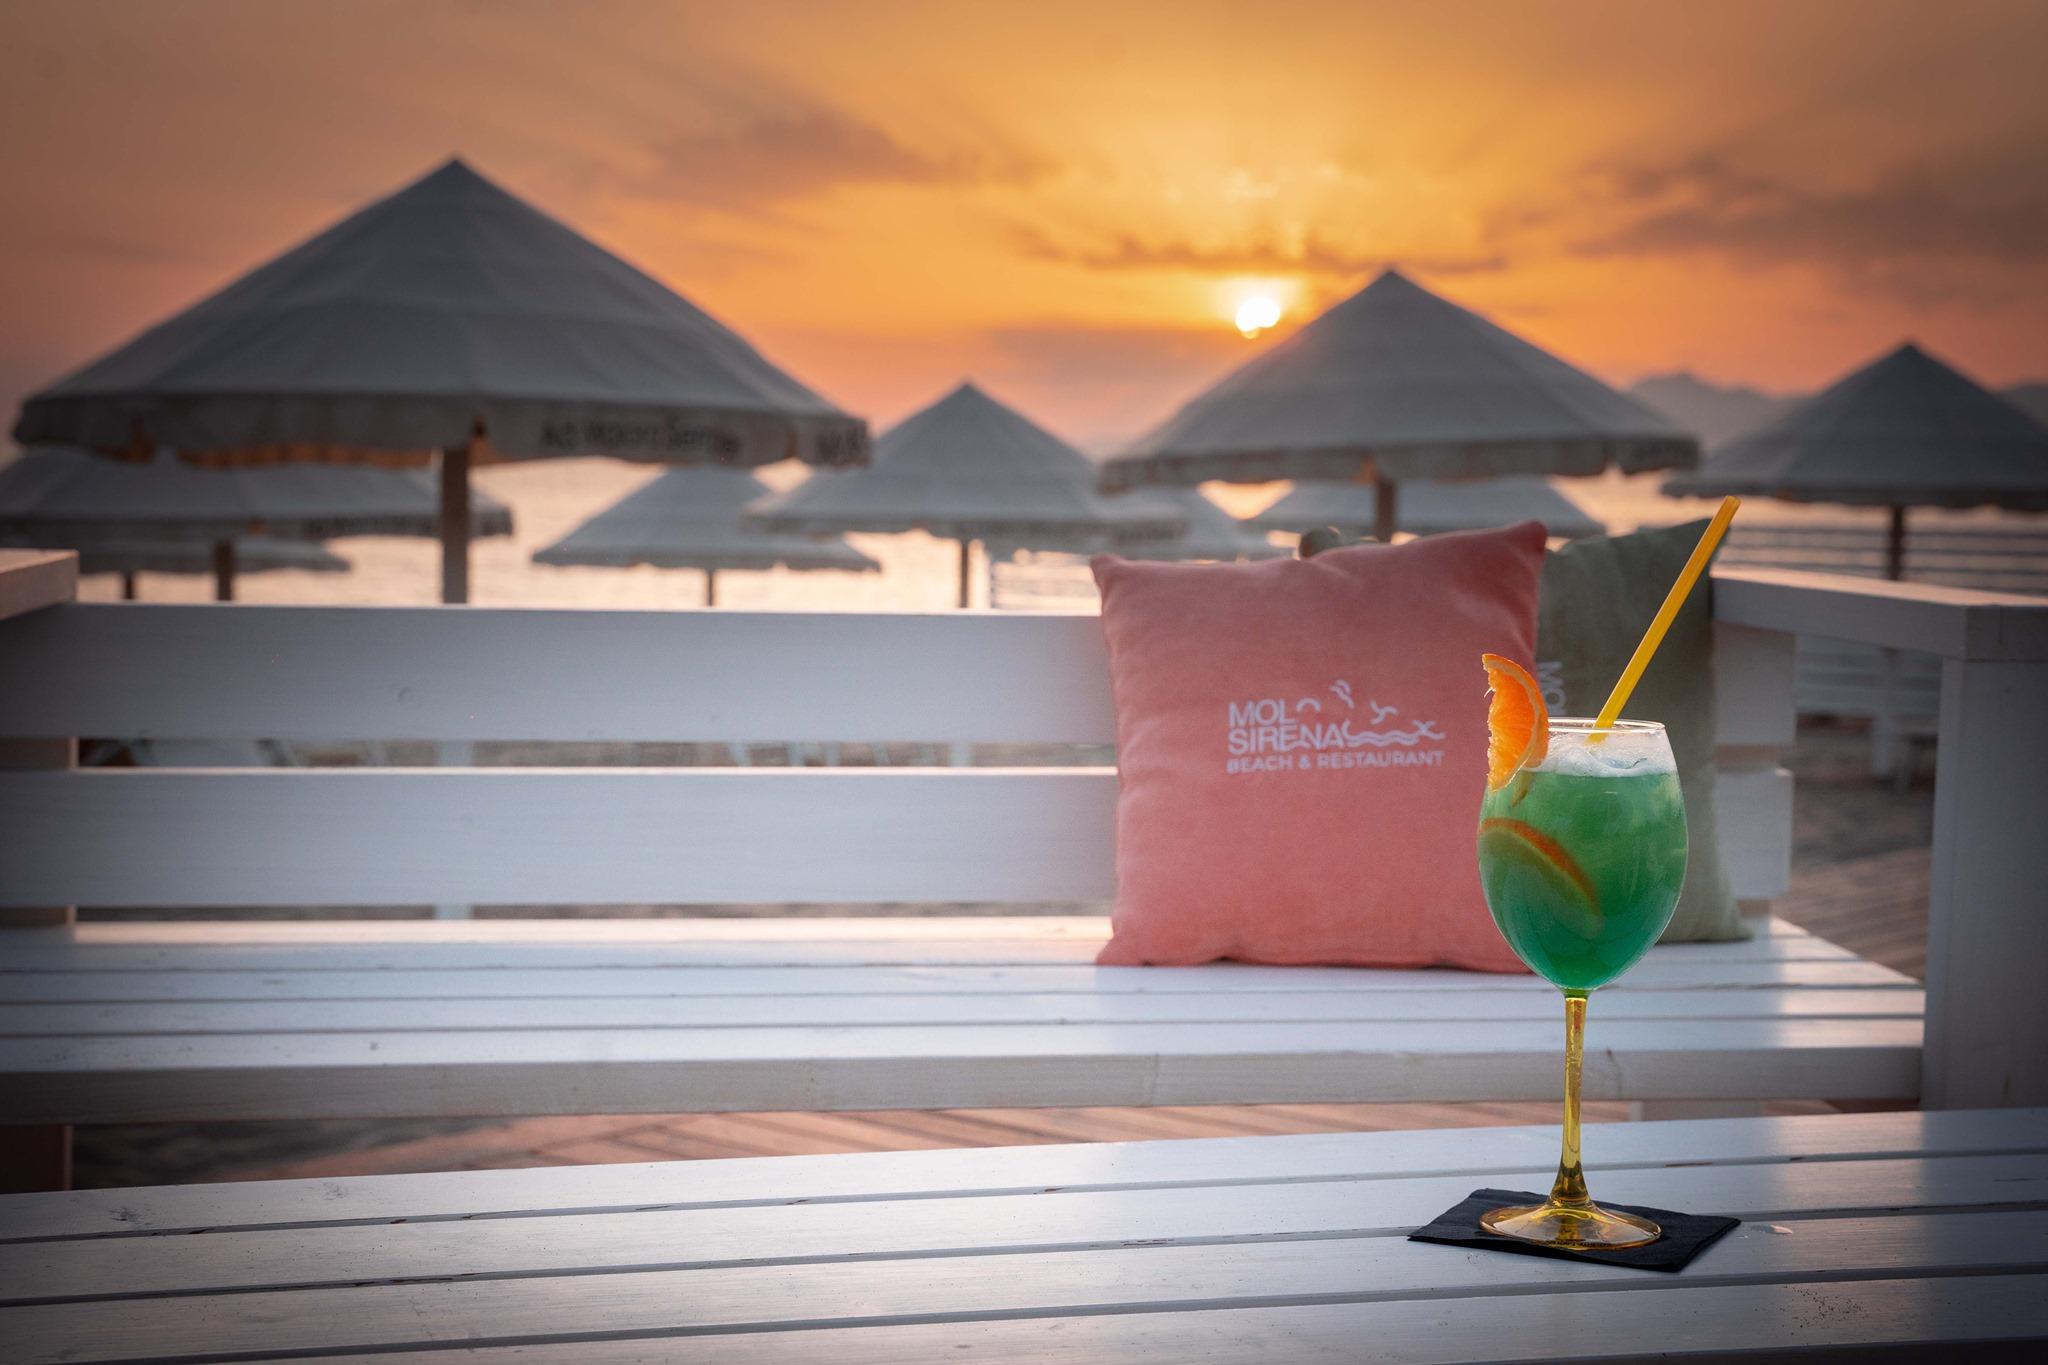 Molo Sirena Beach & Restaurant On The Sea